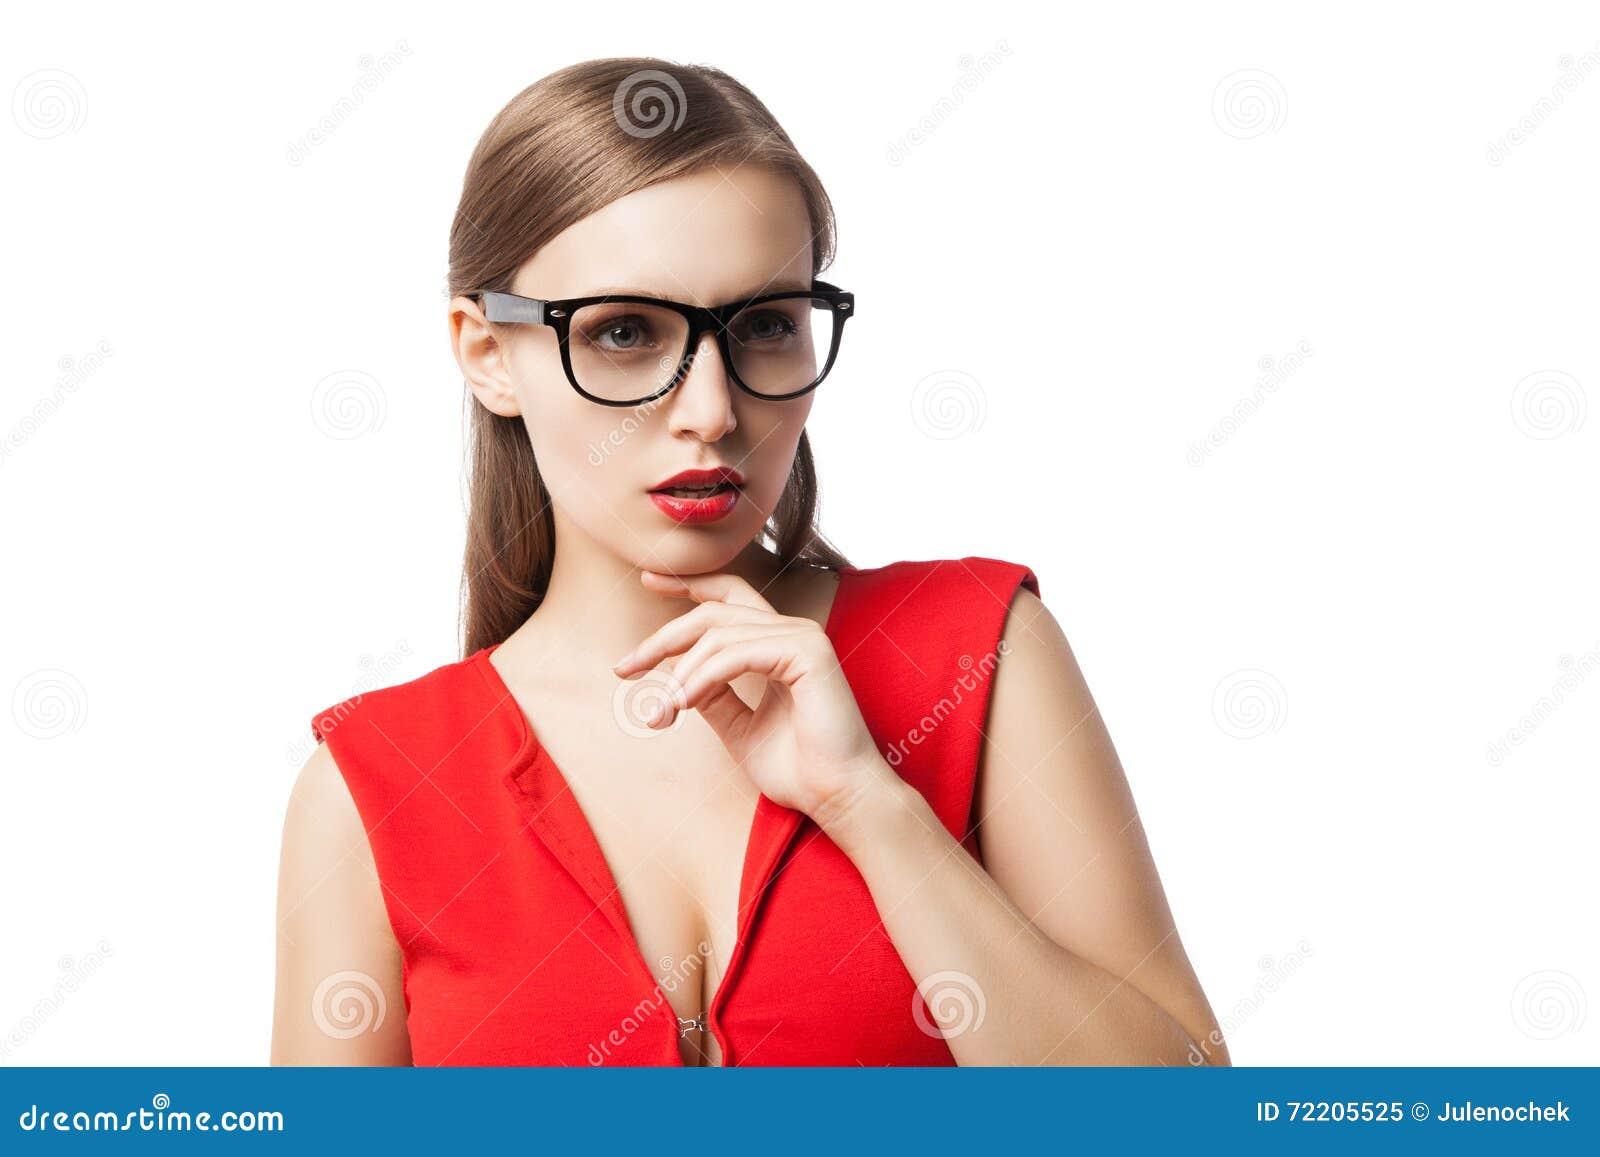 Όμορφη κυρία στα γυαλιά που σκέφτεται ανατρέχοντας